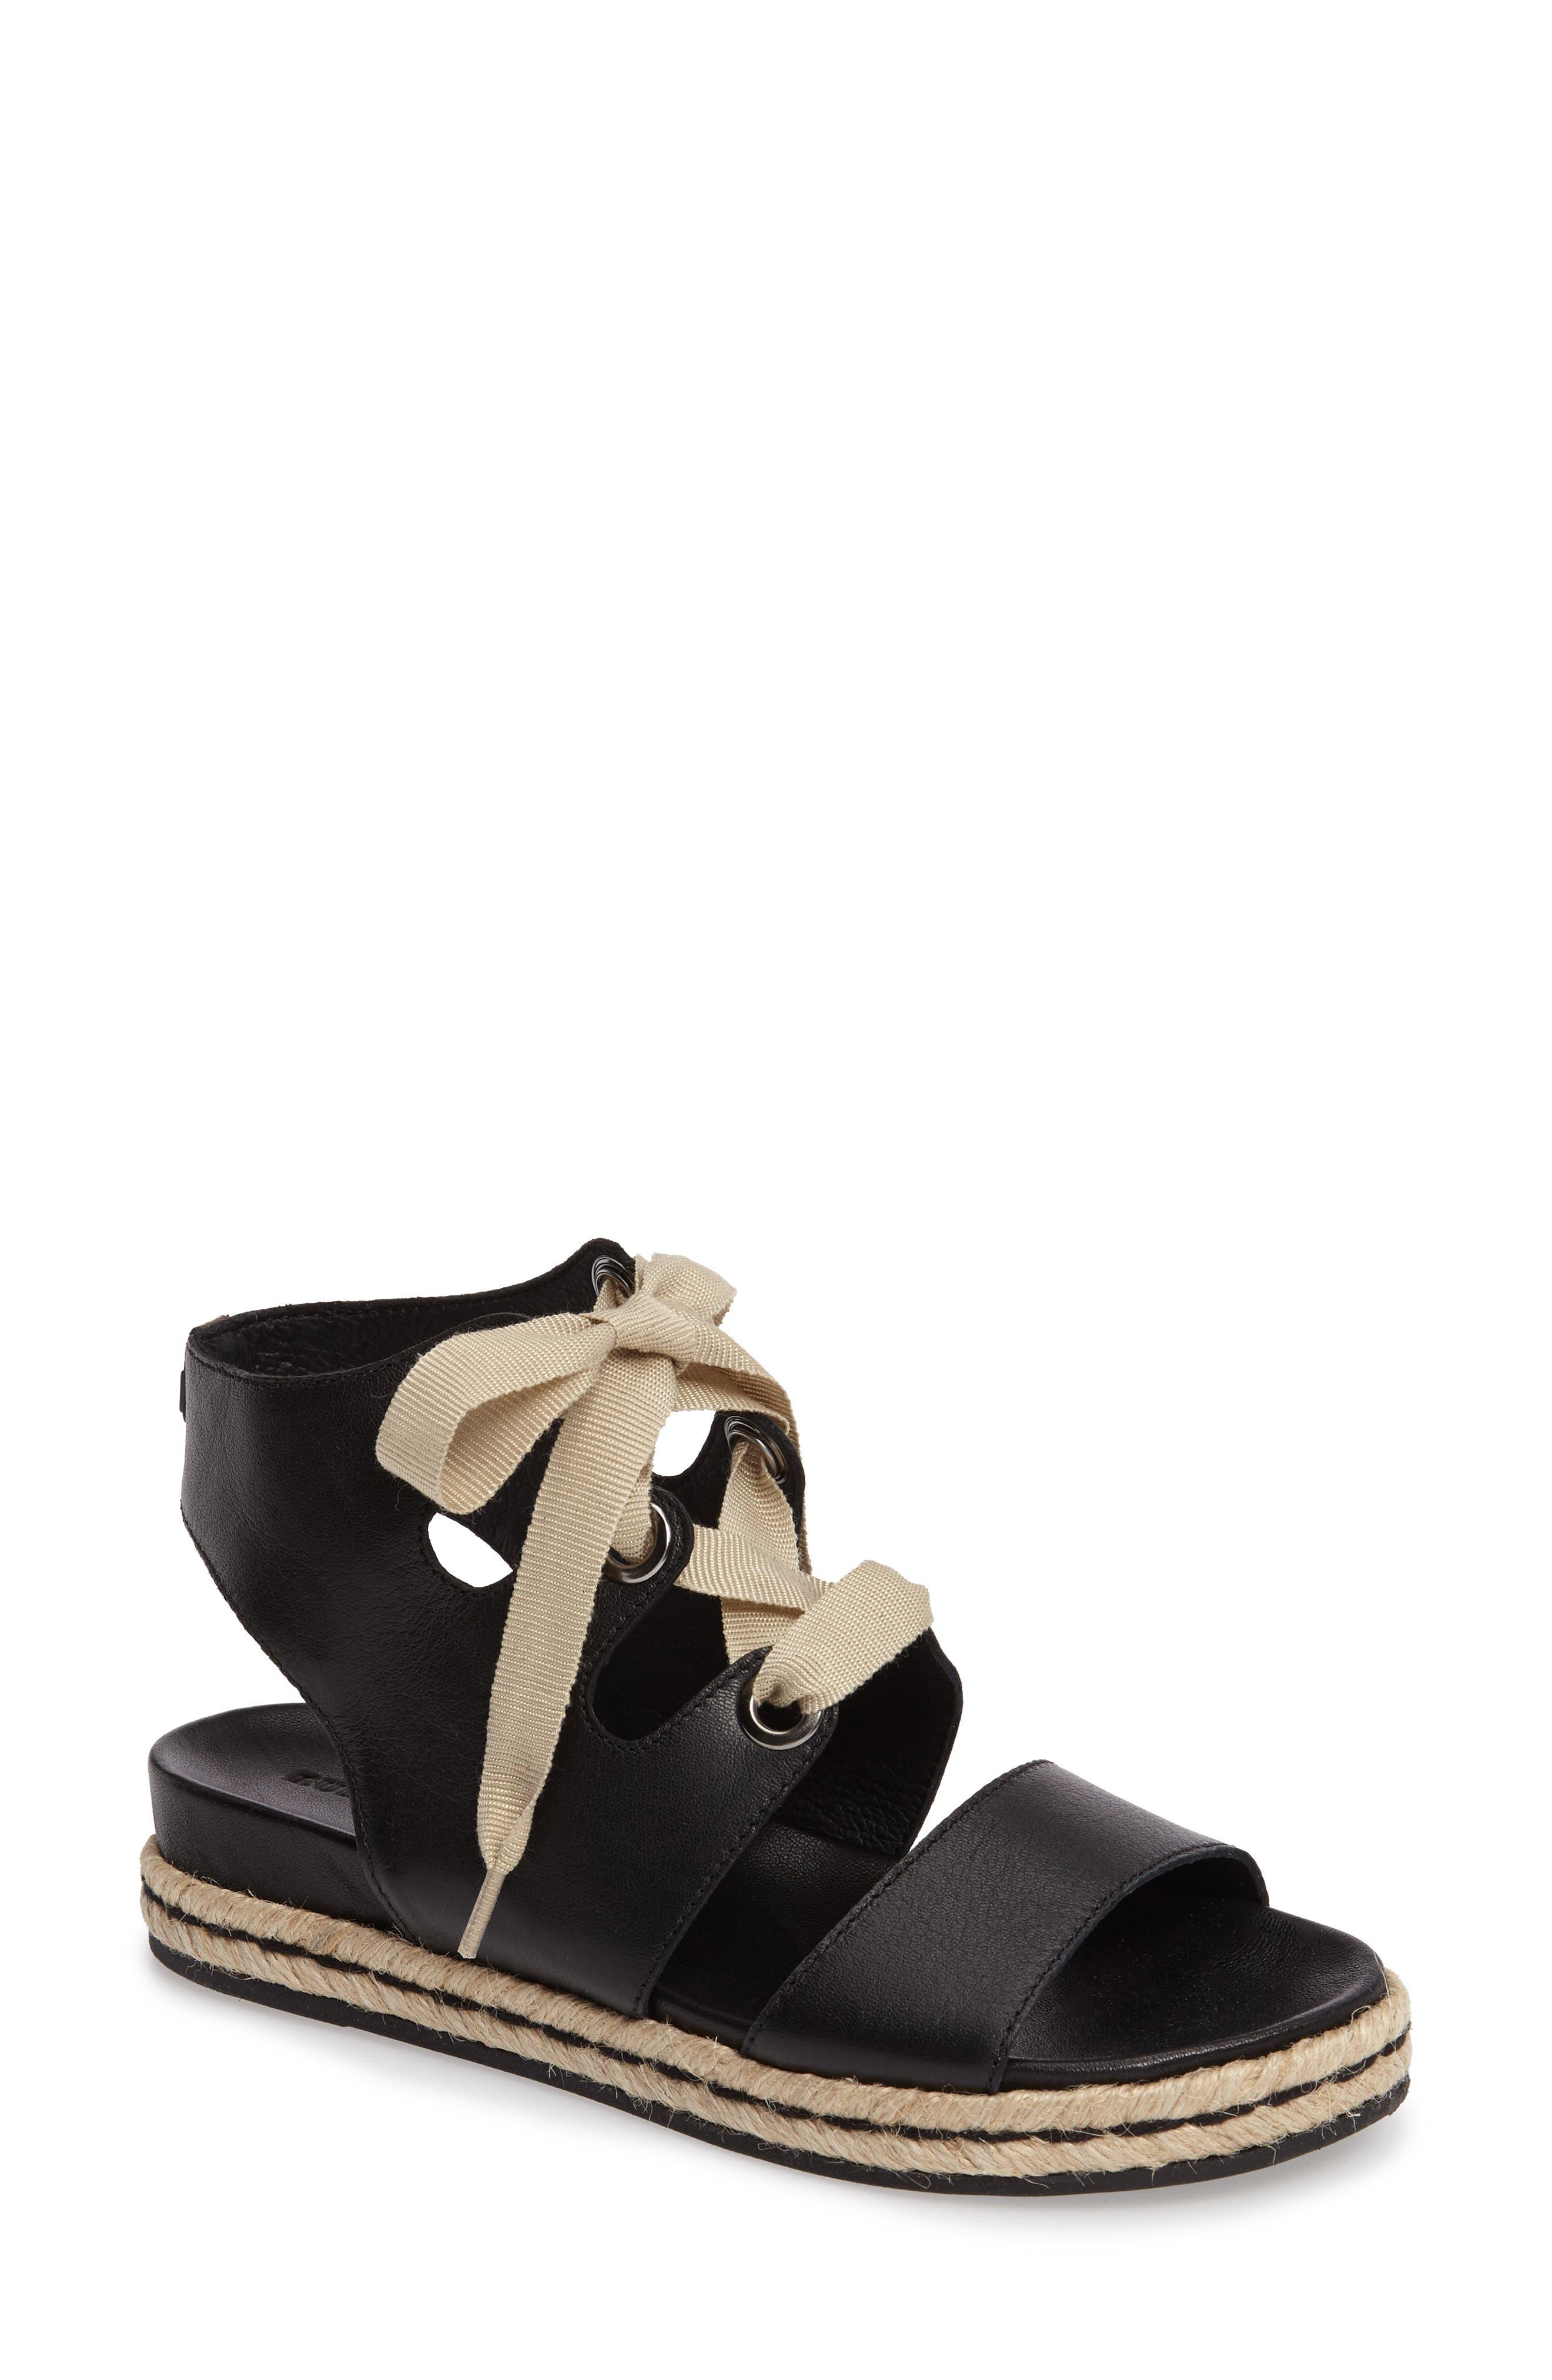 Baptista Lace-Up Sandal,                         Main,                         color, 001